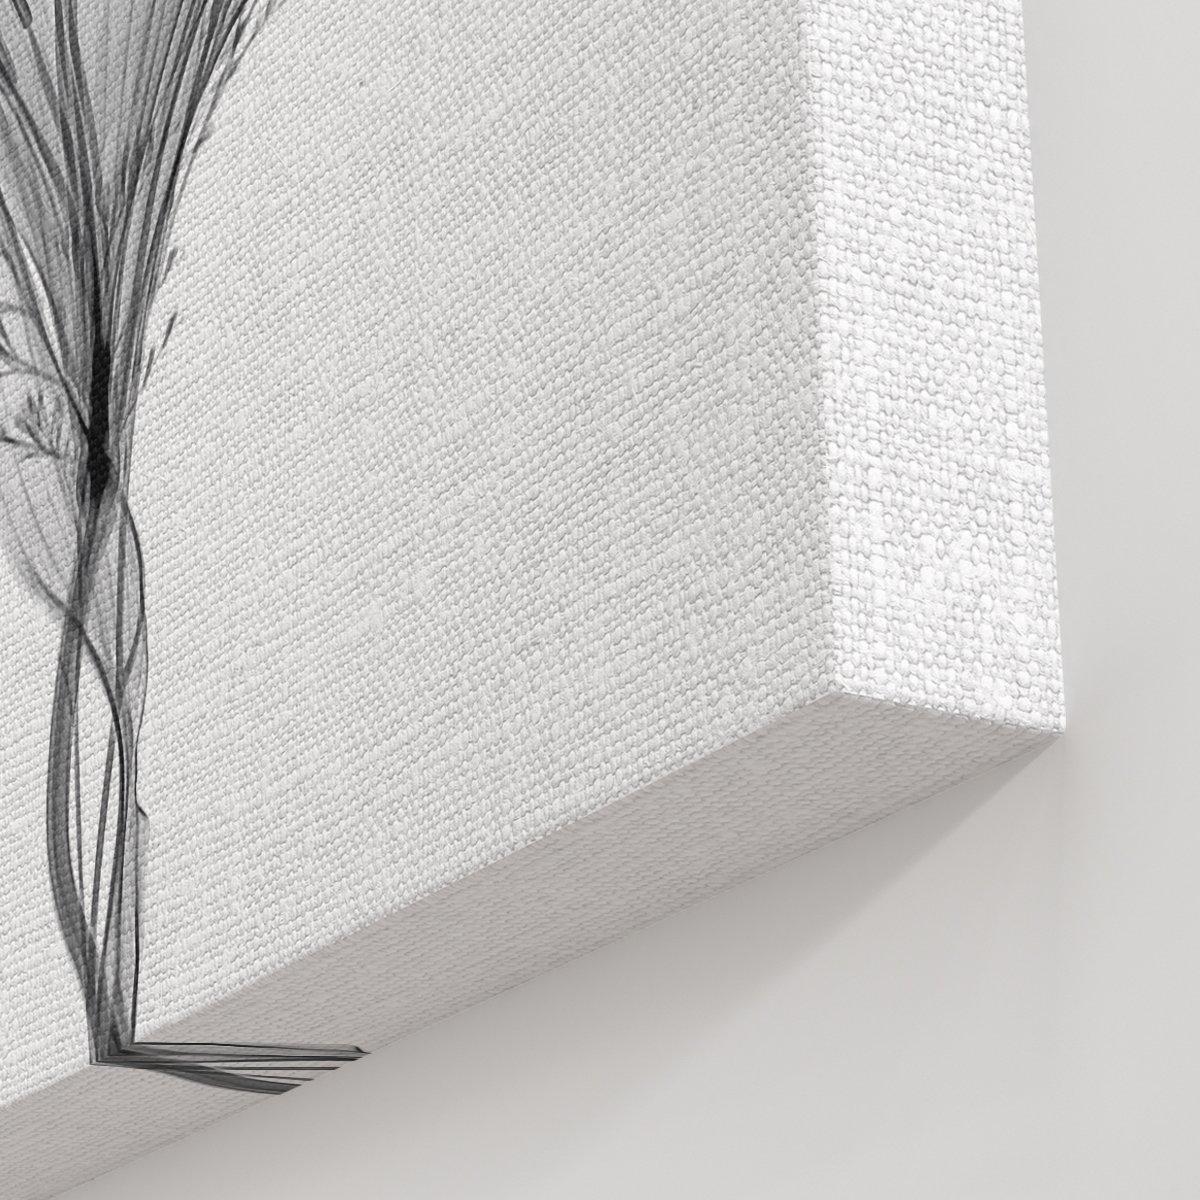 Siyah Beyaz Çiçekler Kanvas Tablo